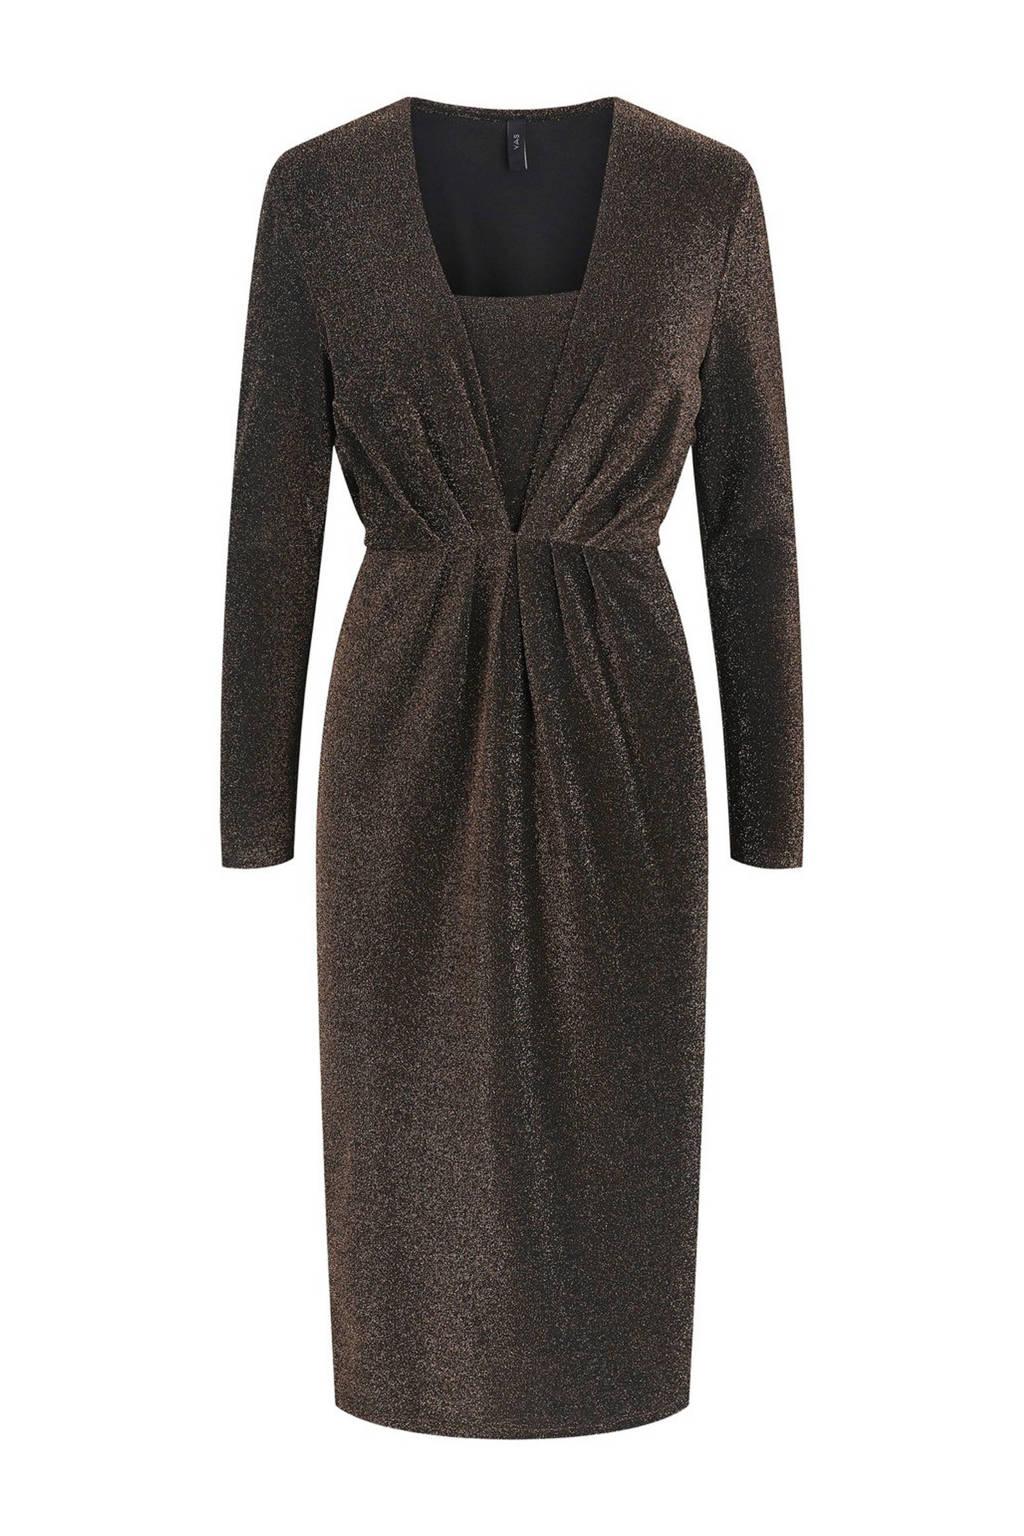 Y.A.S jurk brons, Brons